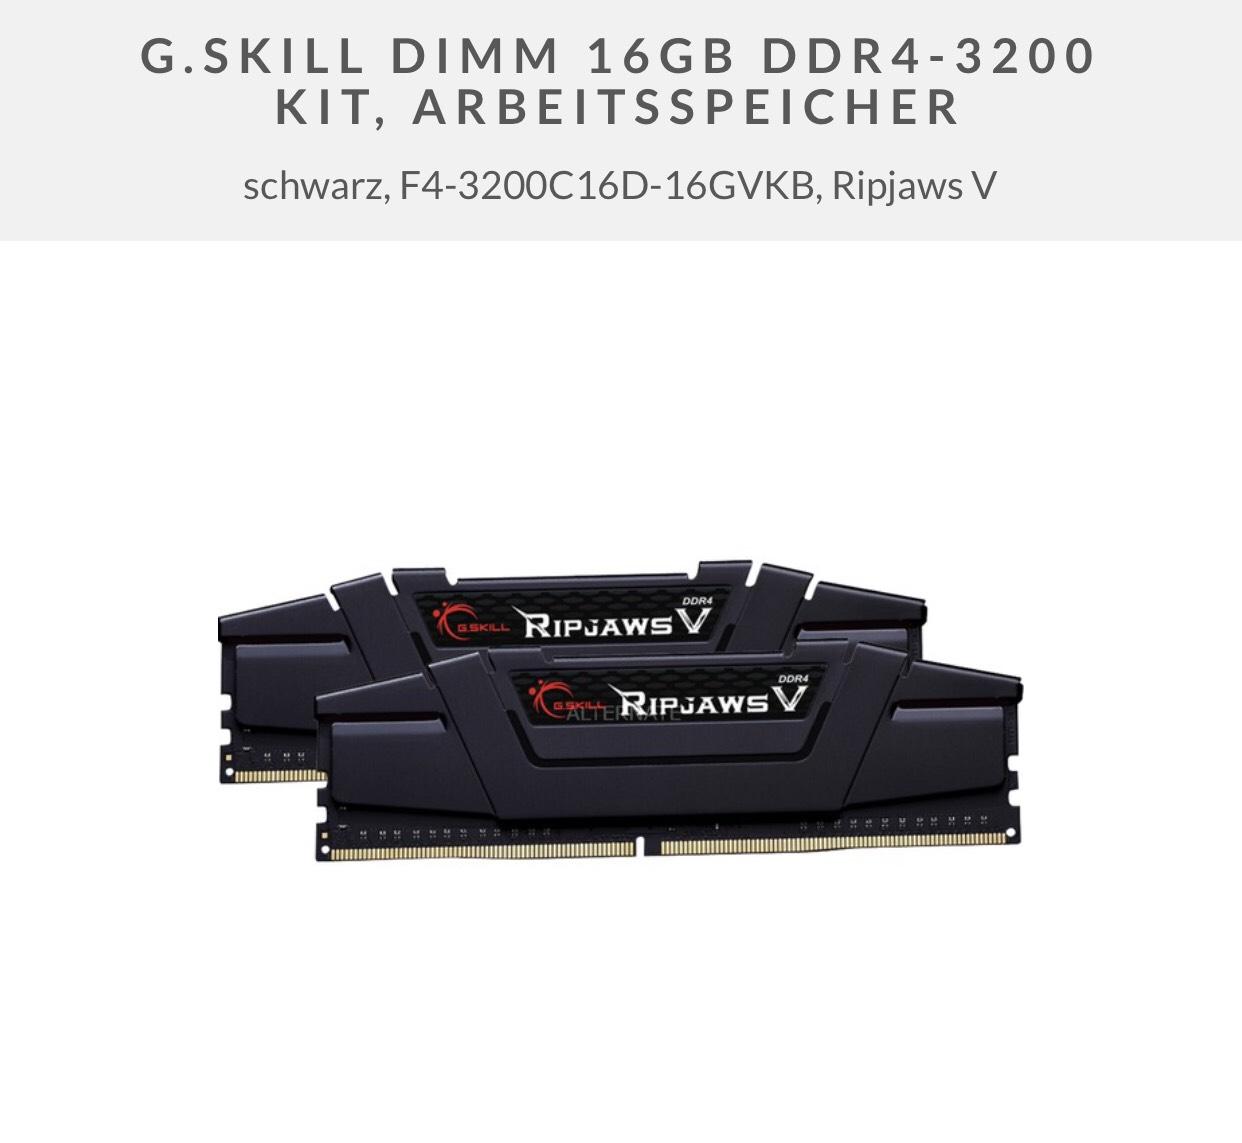 """16GB DDR4 G.Skill Ripjaws V 3200MHz CL16 Dual-Kit mit Gutschein """"Masterpass25"""" bei Alternate"""